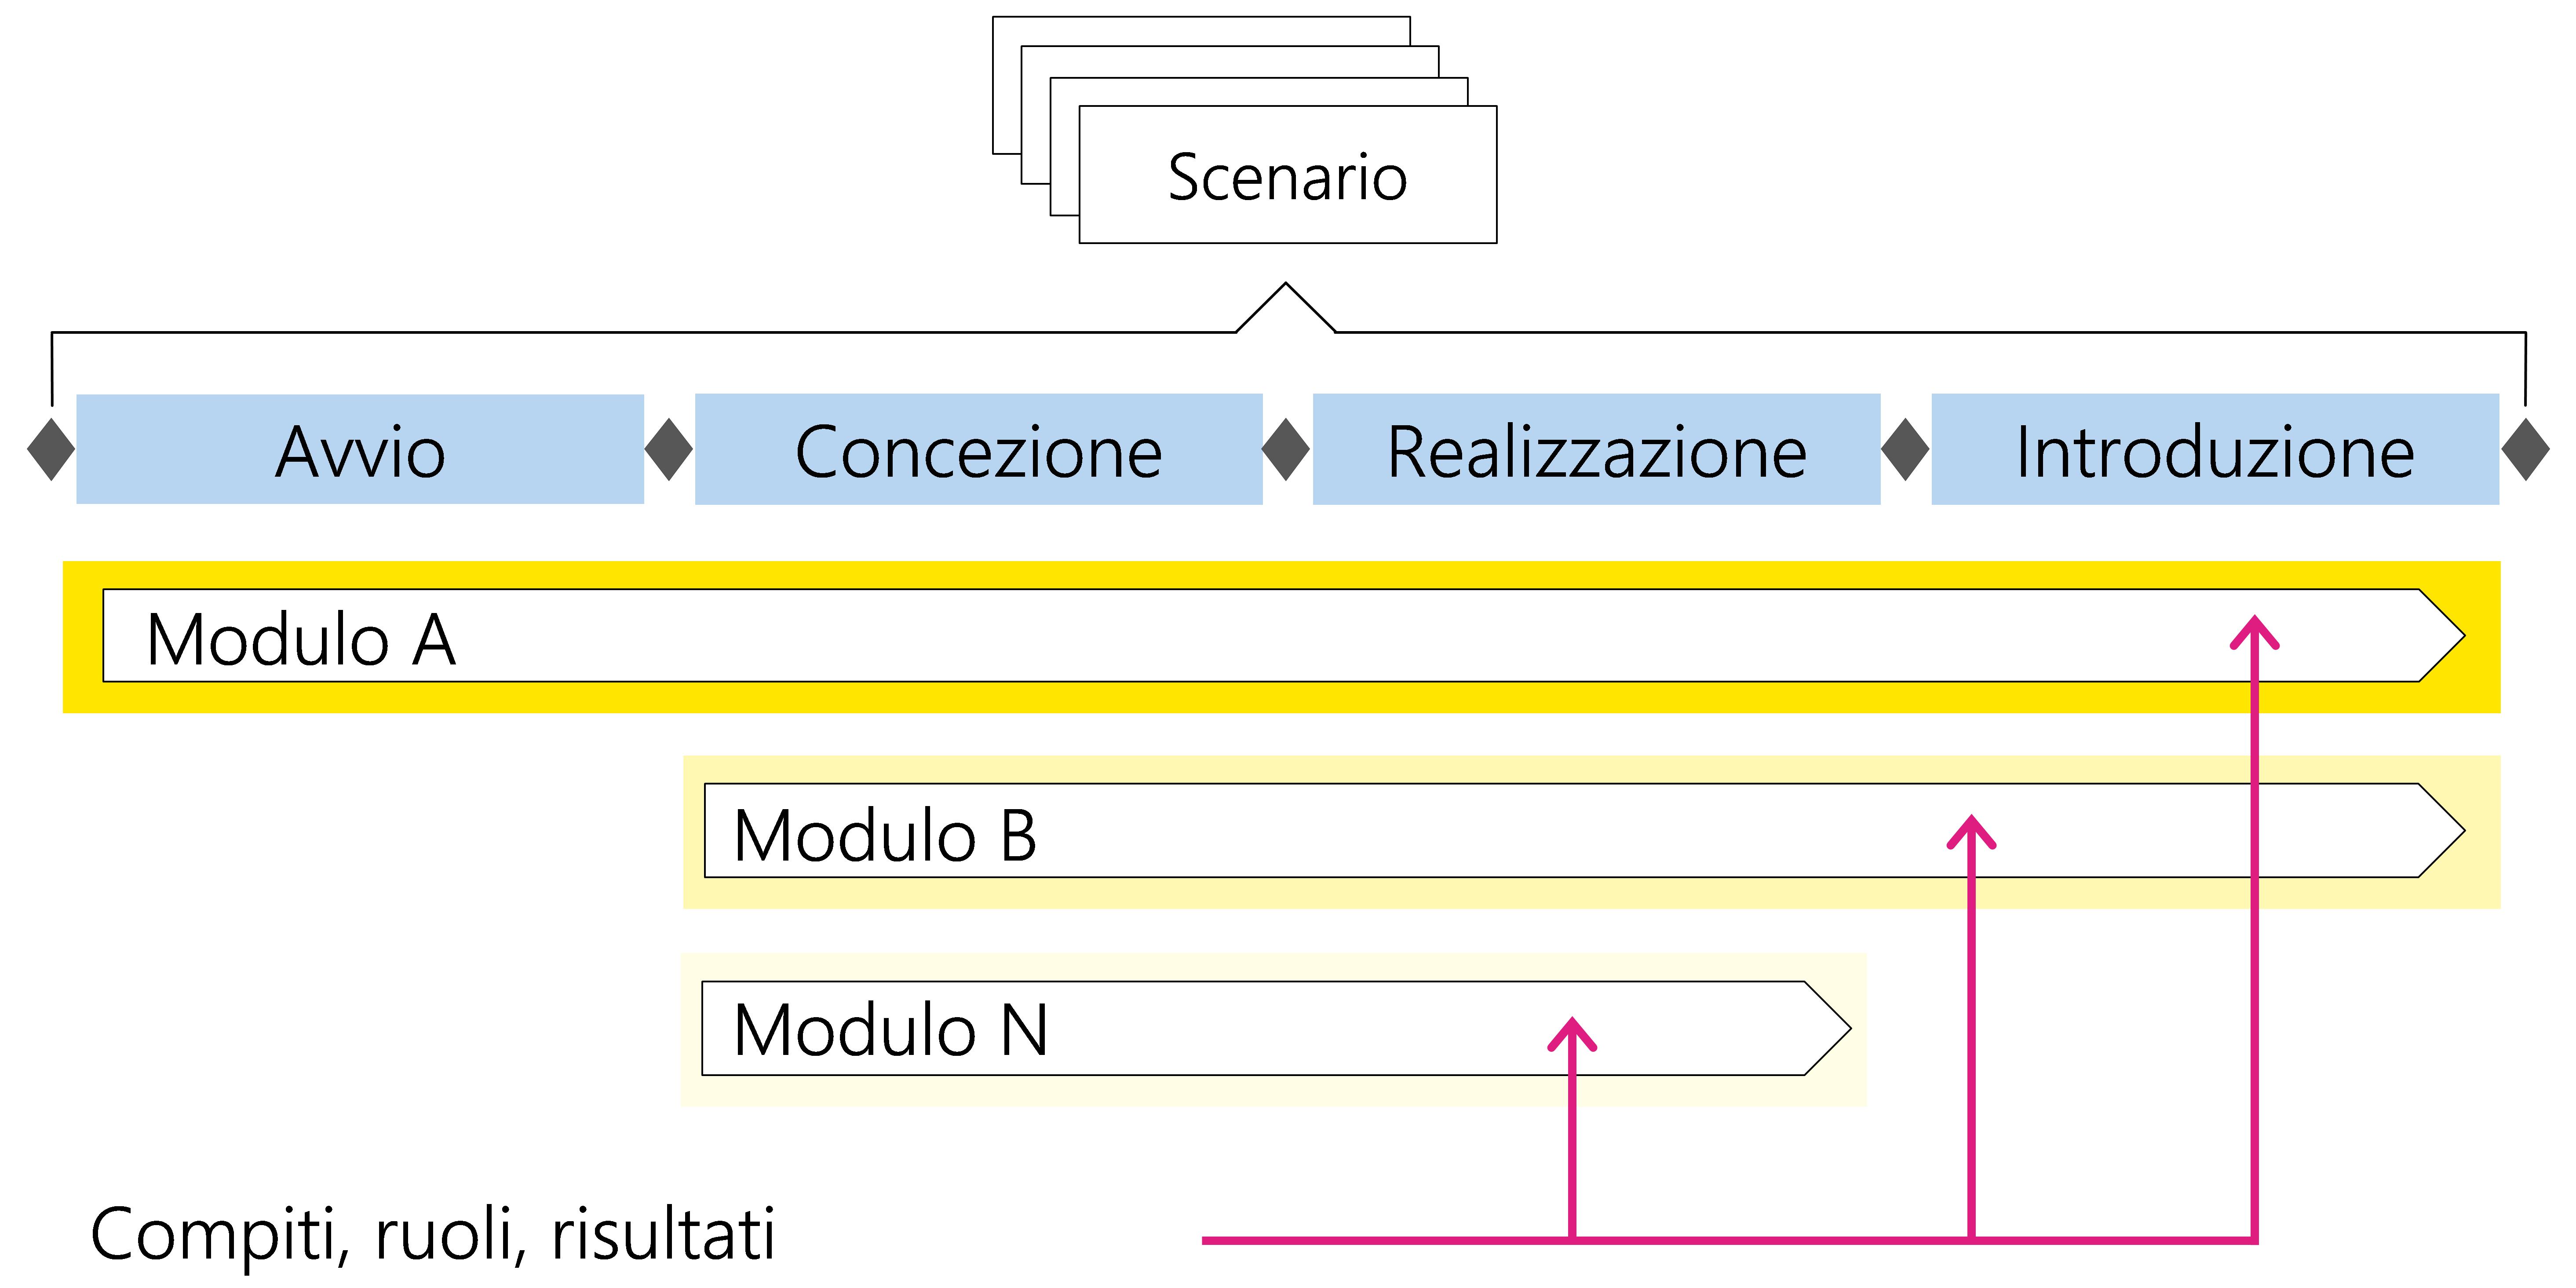 Figura3: Compiti, ruoli e risultati di un modulo